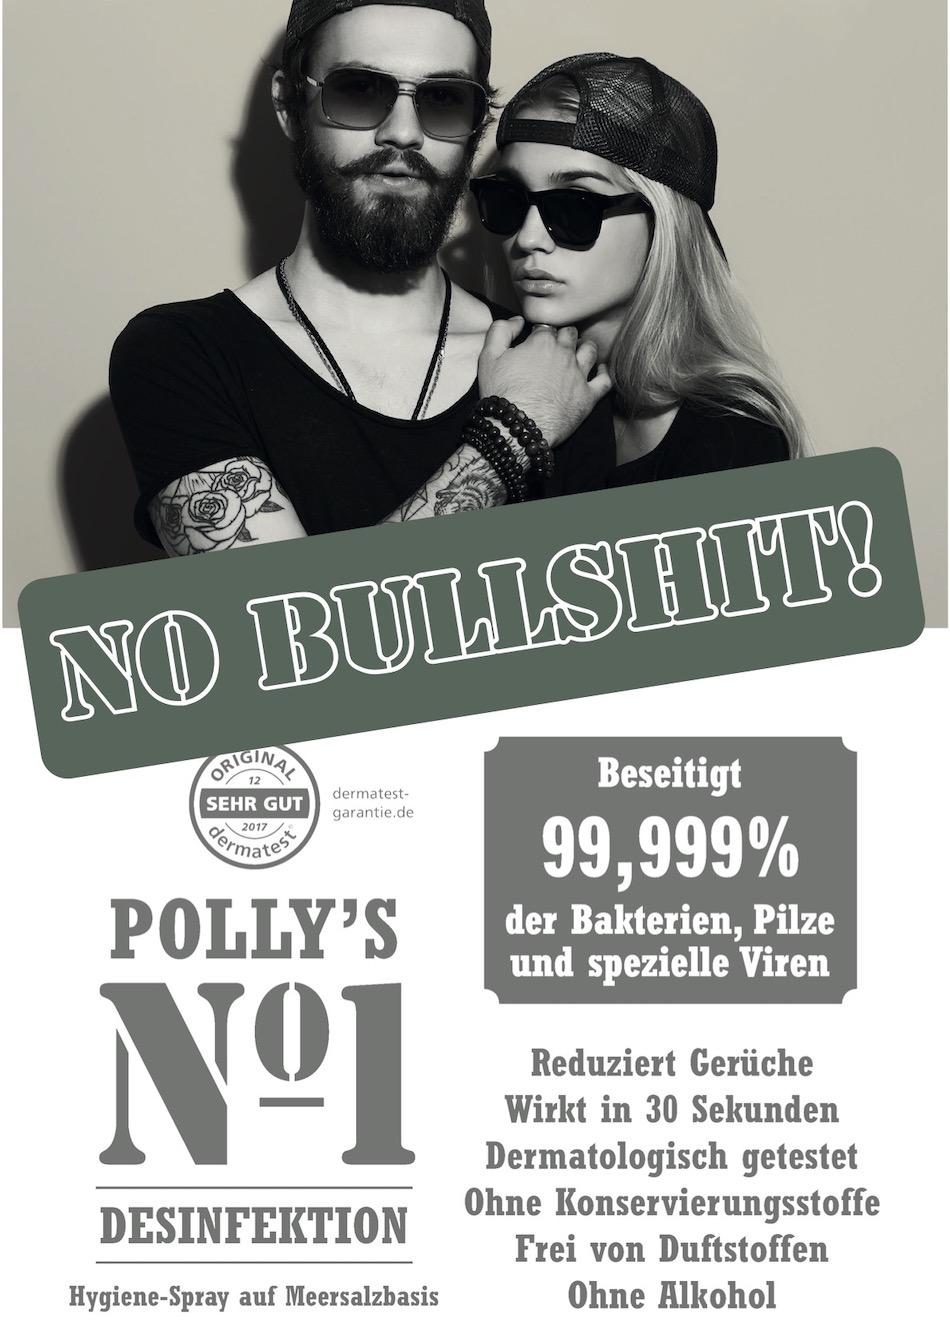 Pollys-No-Bullshit-Kopie